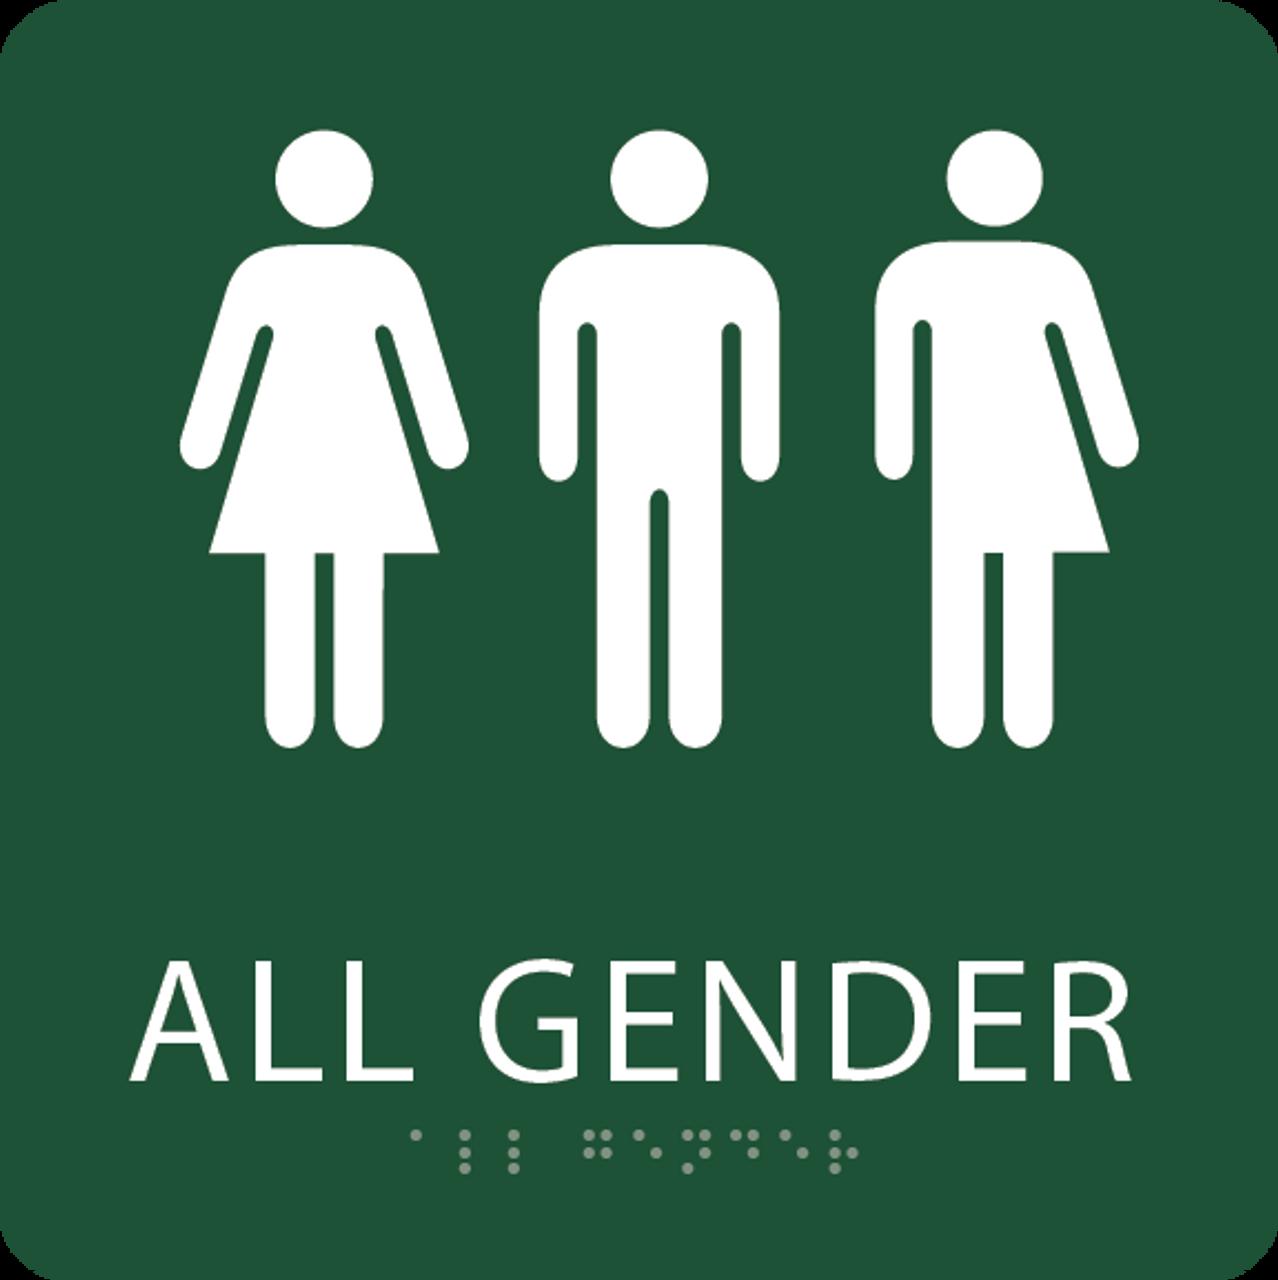 Forest Green All Gender Restroom Sign